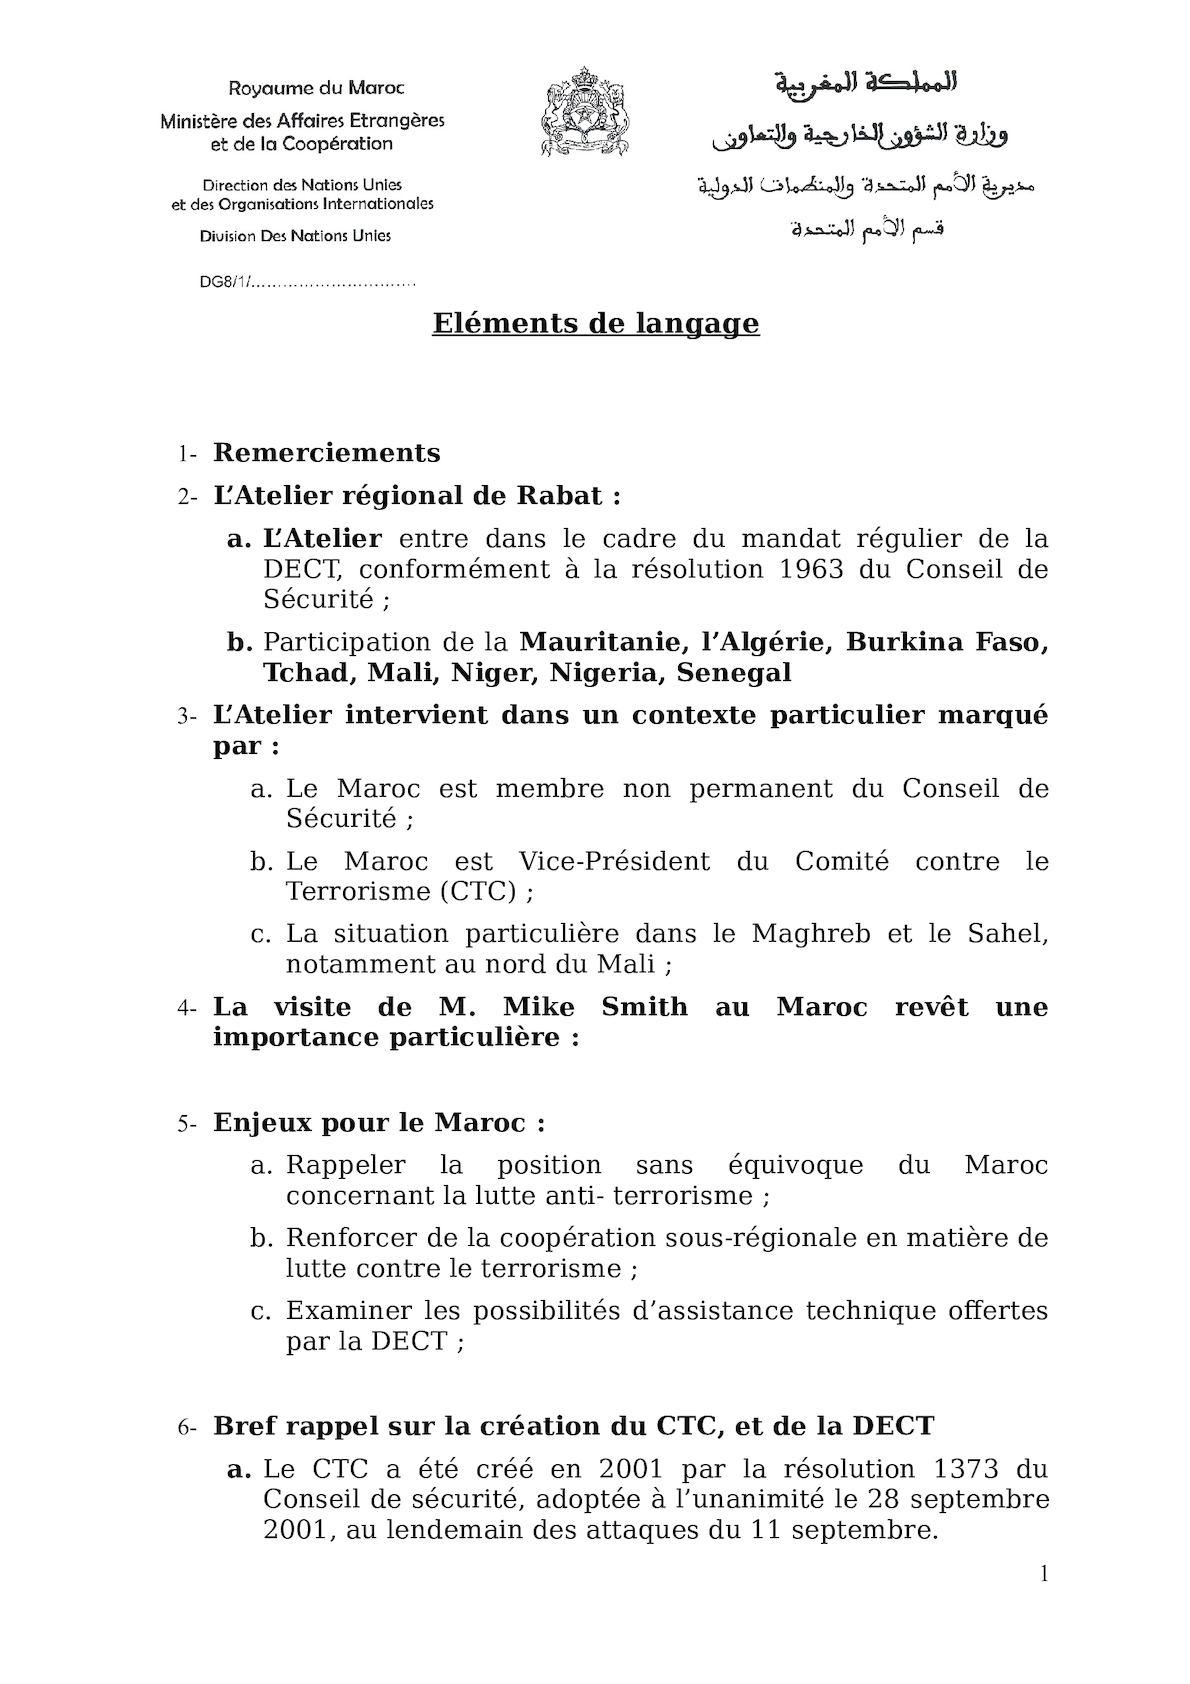 DECT - Atelier De Rabat - Elements De Langage